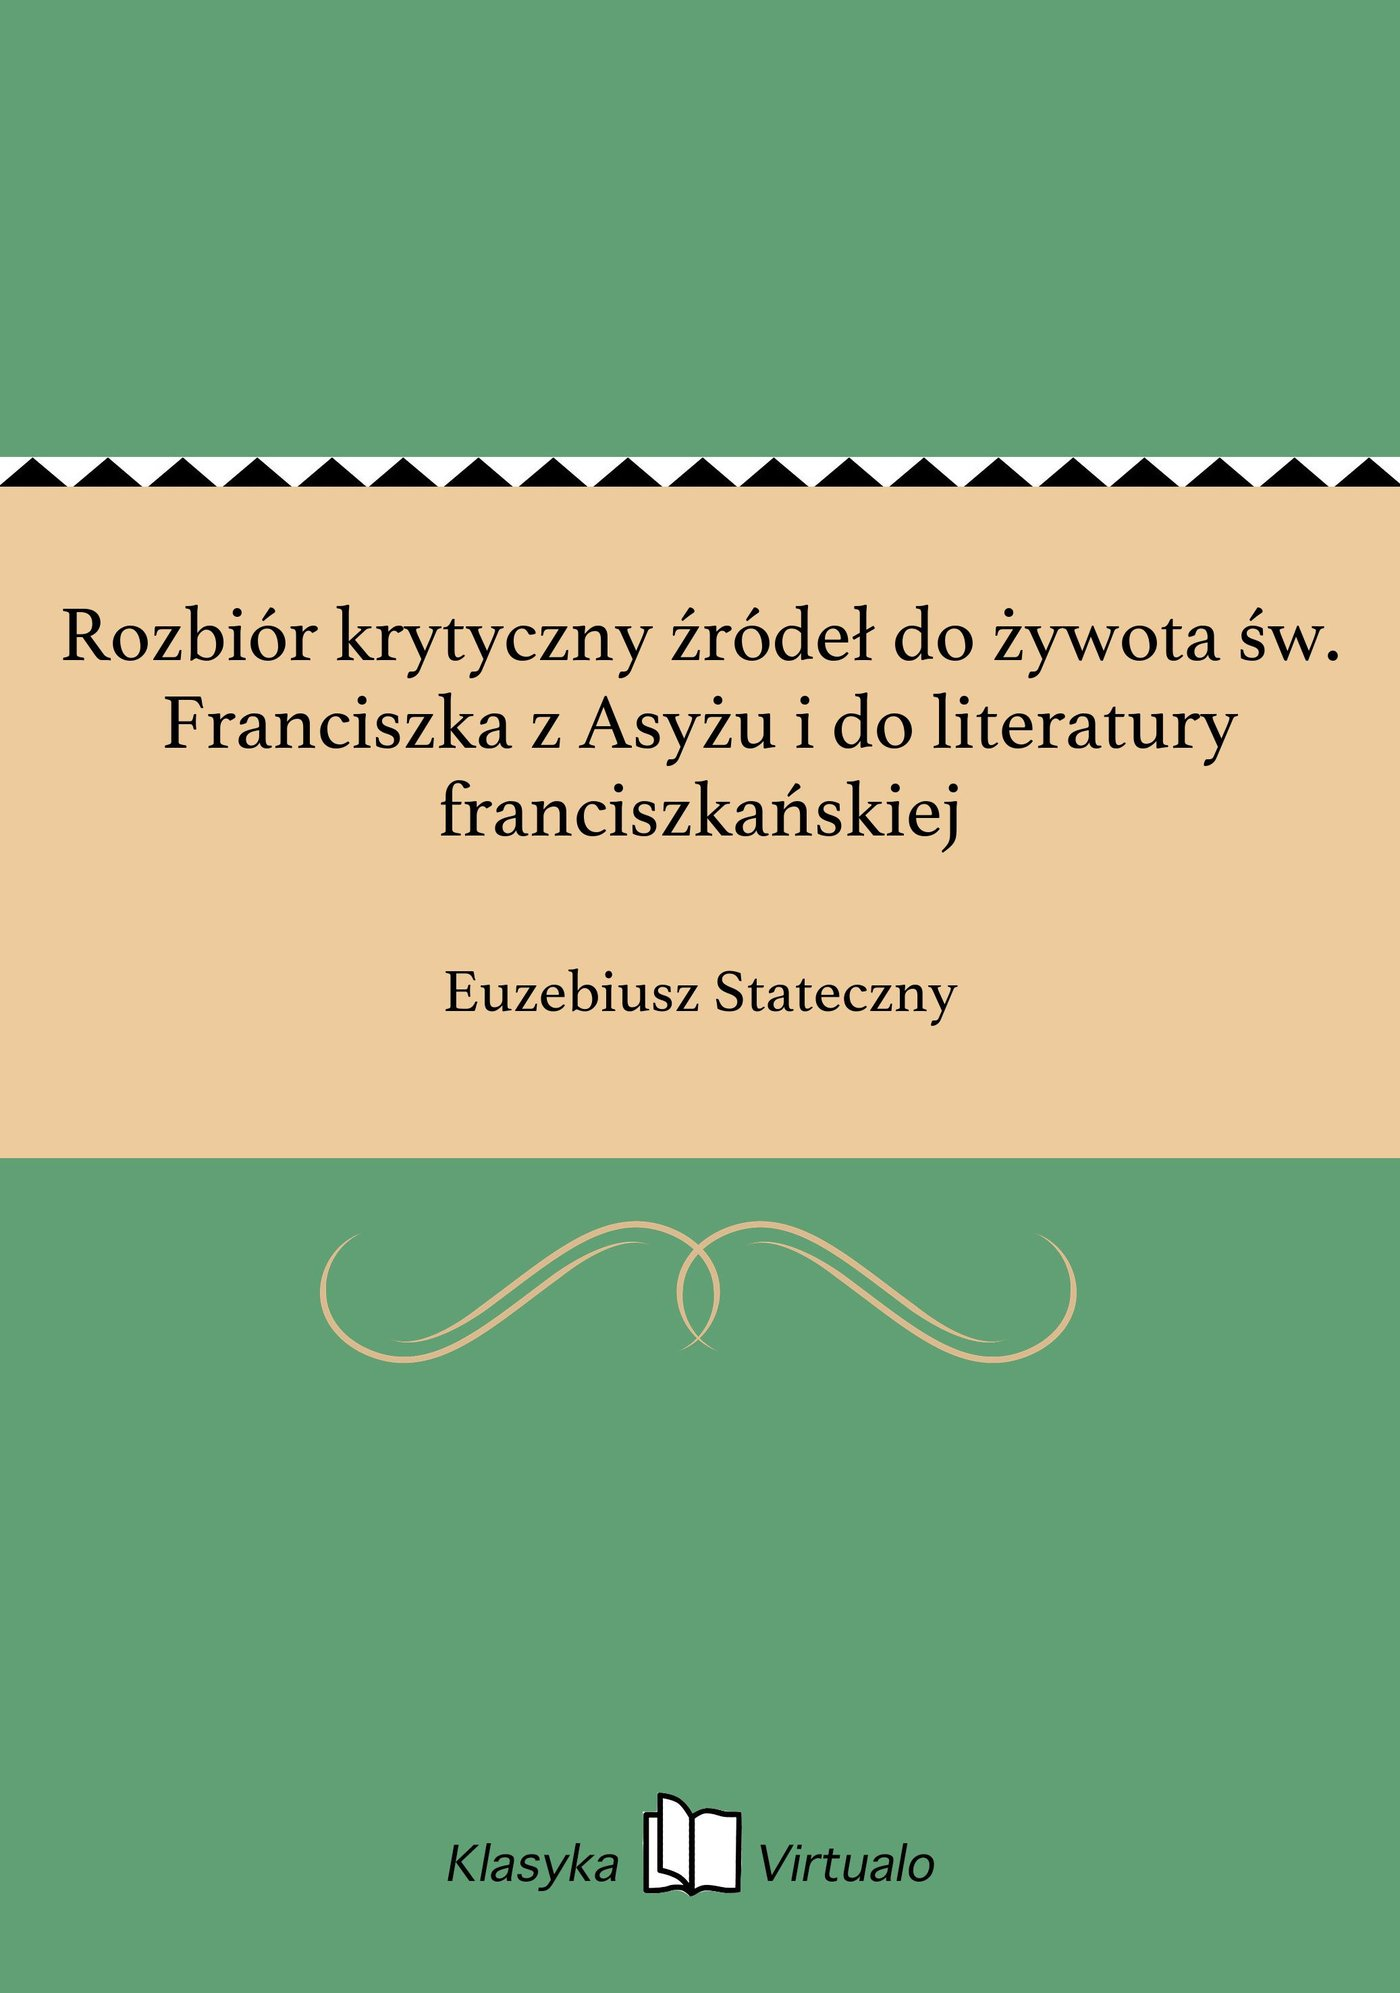 Rozbiór krytyczny źródeł do żywota św. Franciszka z Asyżu i do literatury franciszkańskiej - Ebook (Książka na Kindle) do pobrania w formacie MOBI